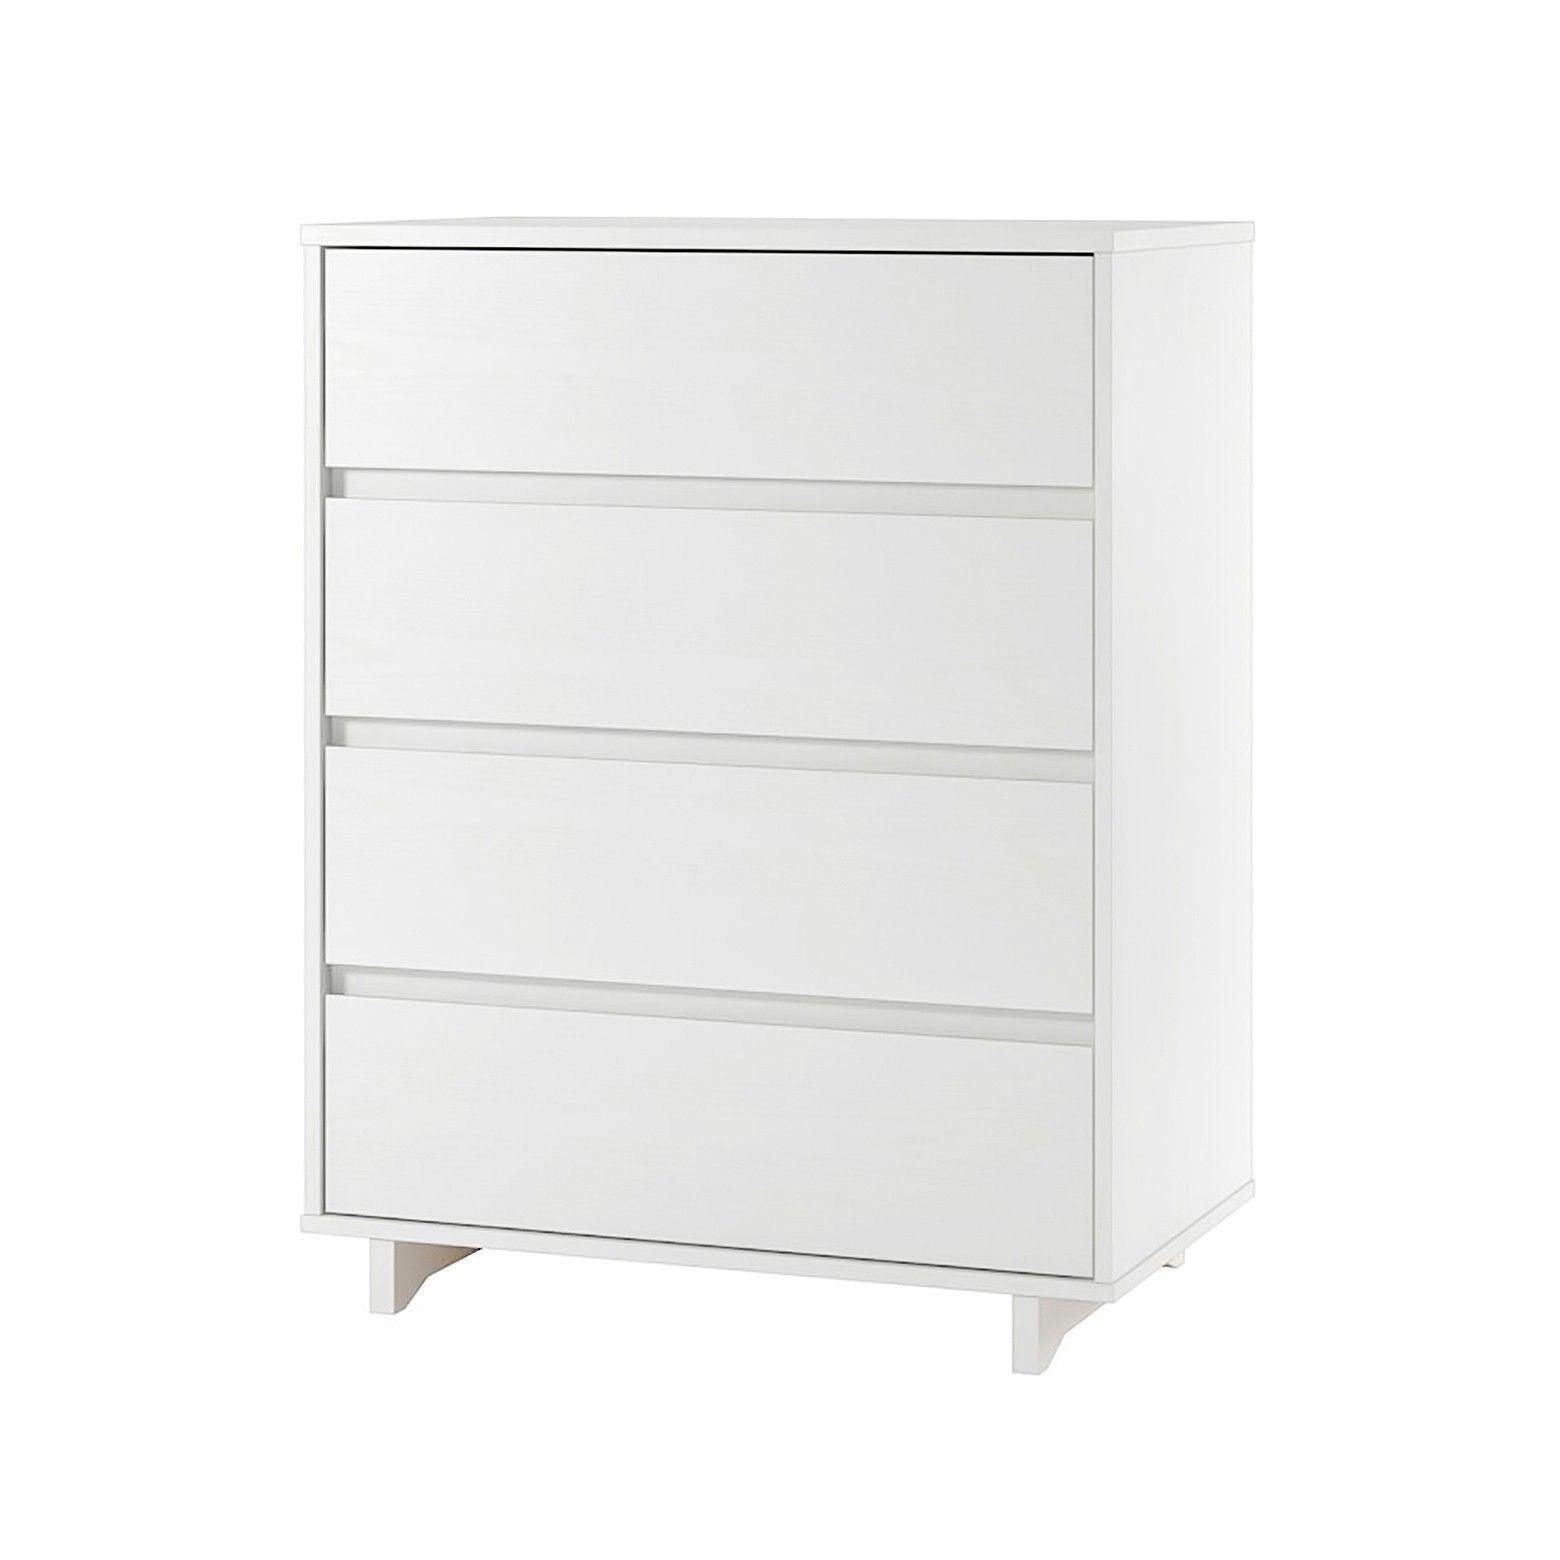 Modern 4 Drawer Dresser White Room Essentials White Storage 4 Drawer Dresser Room Essentials [ 1560 x 1560 Pixel ]